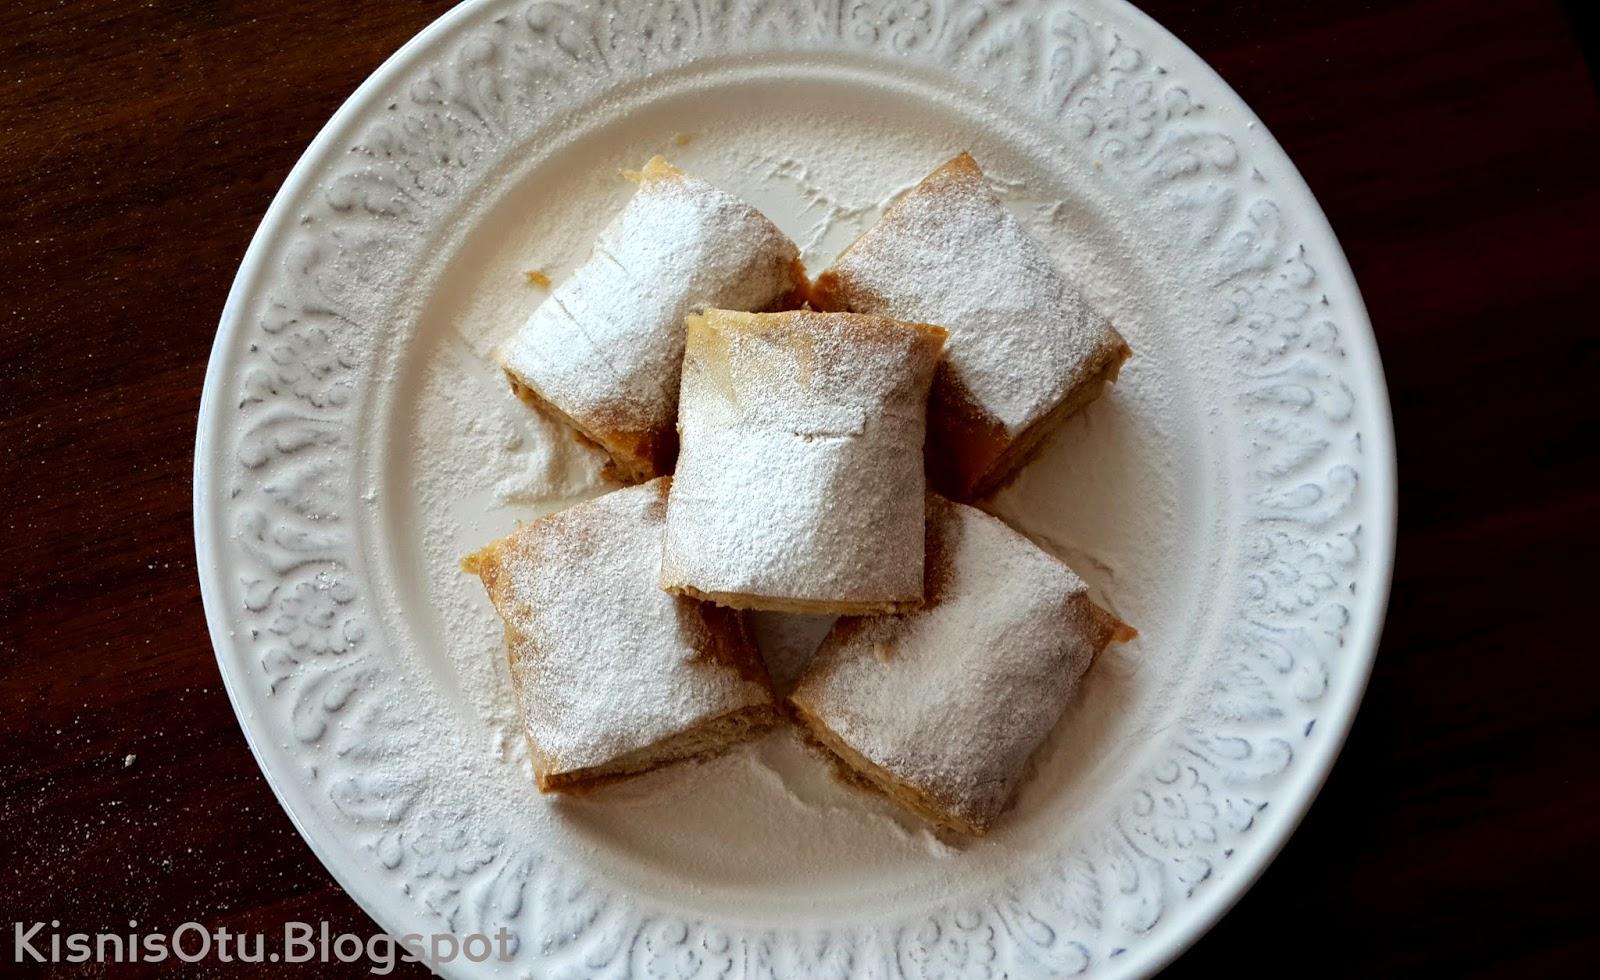 Baklava yufkasından cevizli tahinli çörek tarifi ve  bir çok tarif Kişniş Otu'nda